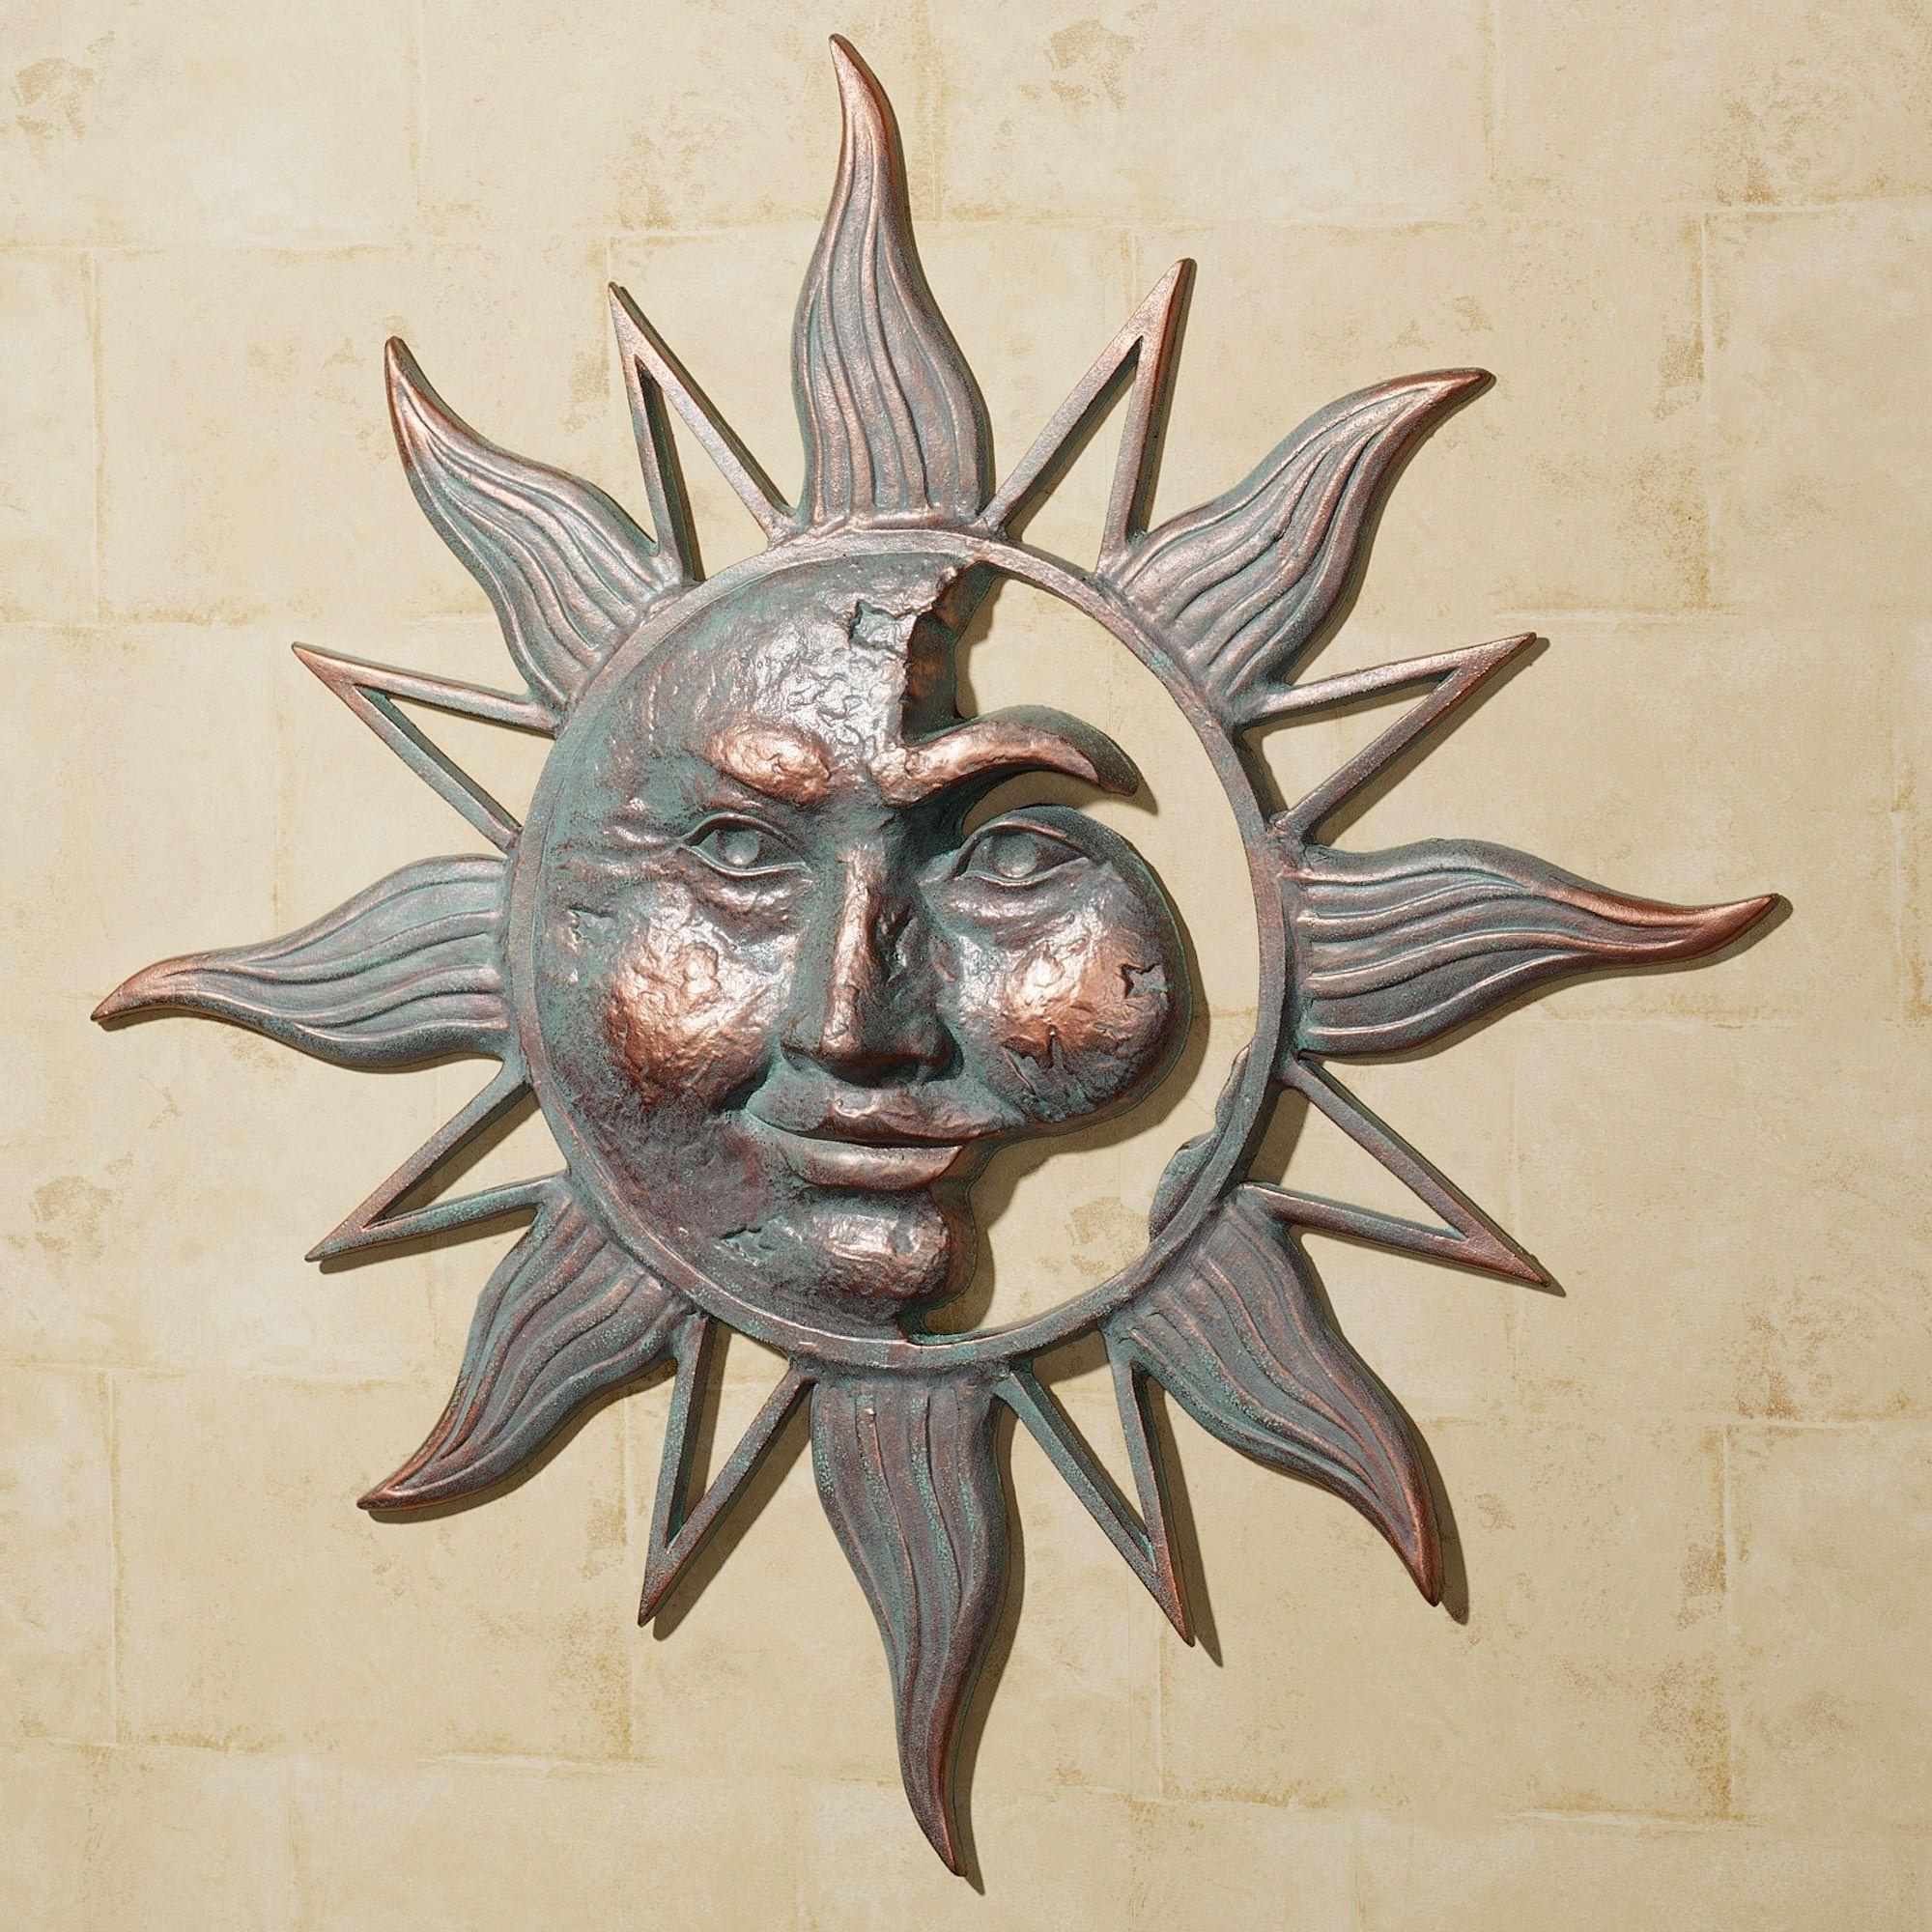 Preferred Outdoor Metal Art For Walls Regarding Half Face Sun Indoor Outdoor Metal Wall Art (View 8 of 15)